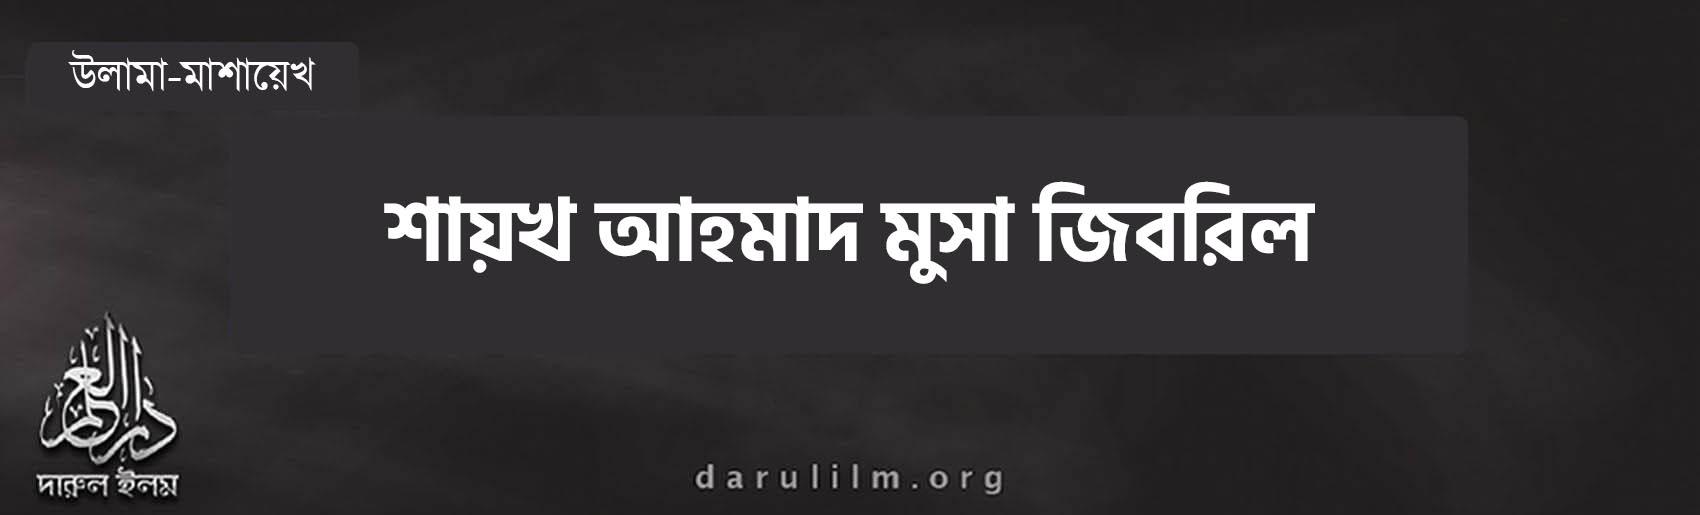 শায়খ আহমাদ মুসা জিবরিল